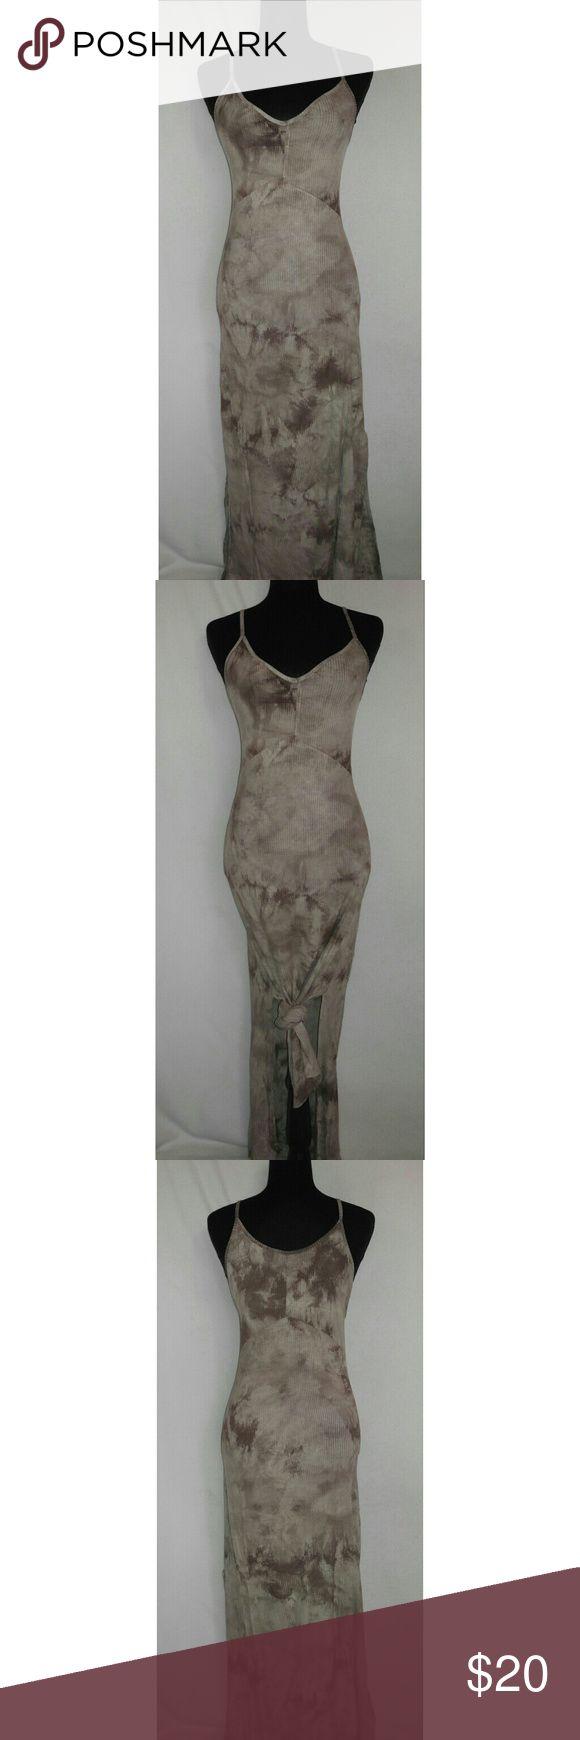 Tan Tie Dye Spaghetti Strap Dress Tan Tie Dye Spaghetti Strap Dress with Rayon and spandex material. 2 splits. Dresses Maxi